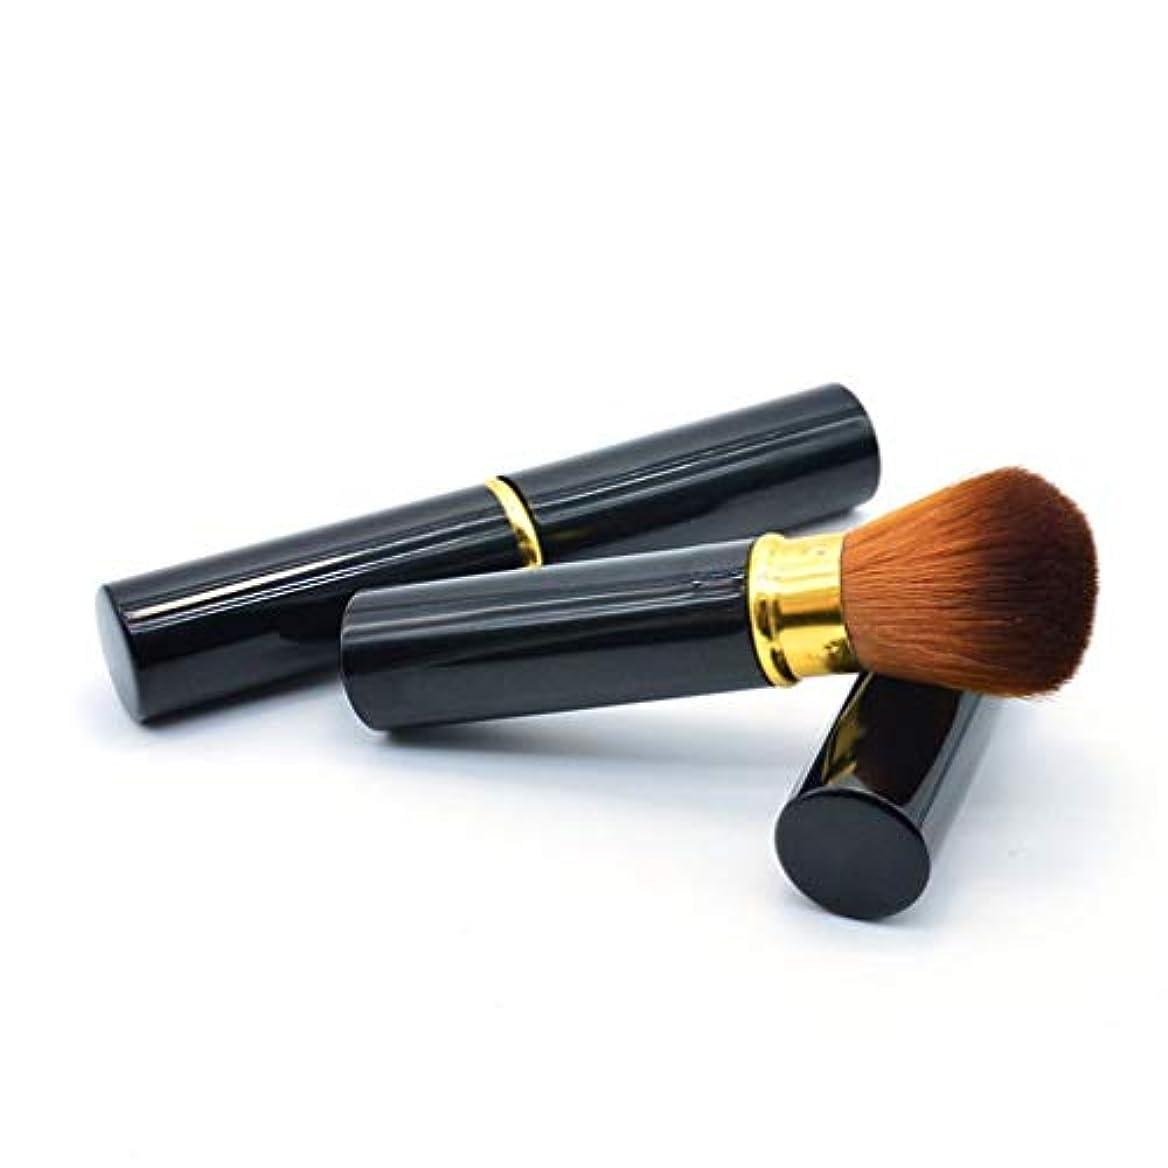 メイクアップブラシファンデーションメイクアップリキッド、クリーム、または完璧なパウダー化粧品 - バフ、点描、コンシーラー - 上質な合成稠密剛毛